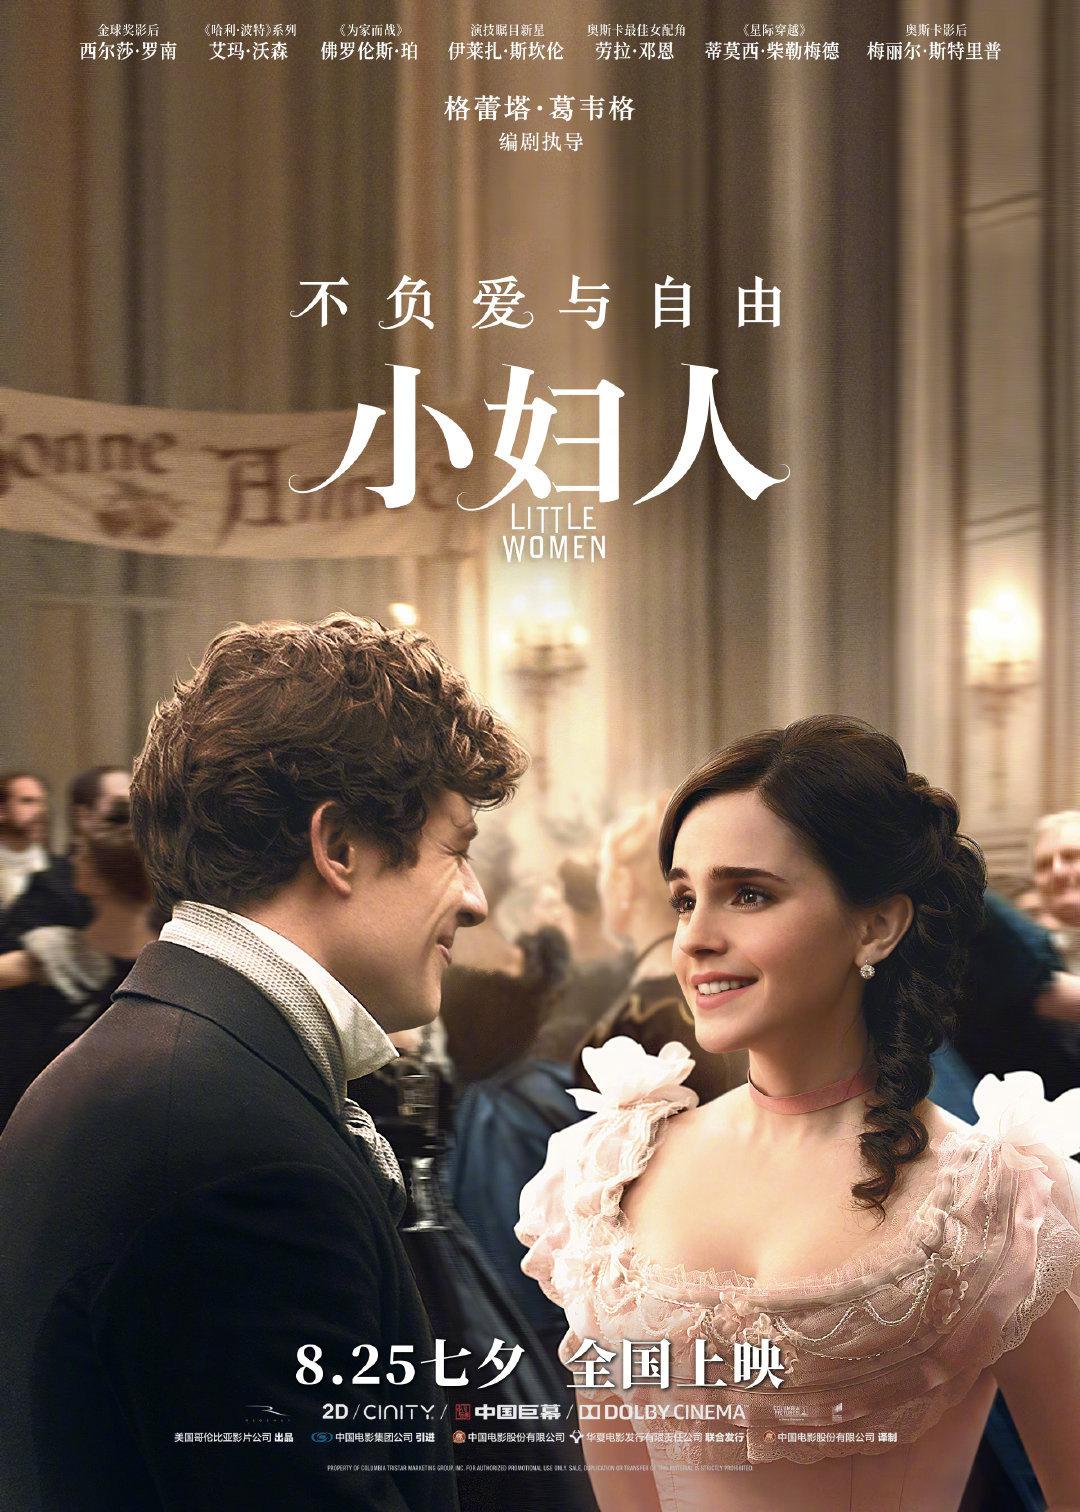 欧博代理:奥斯卡获奖片《小妇人》曝定档预告 将于8.25上映 第3张